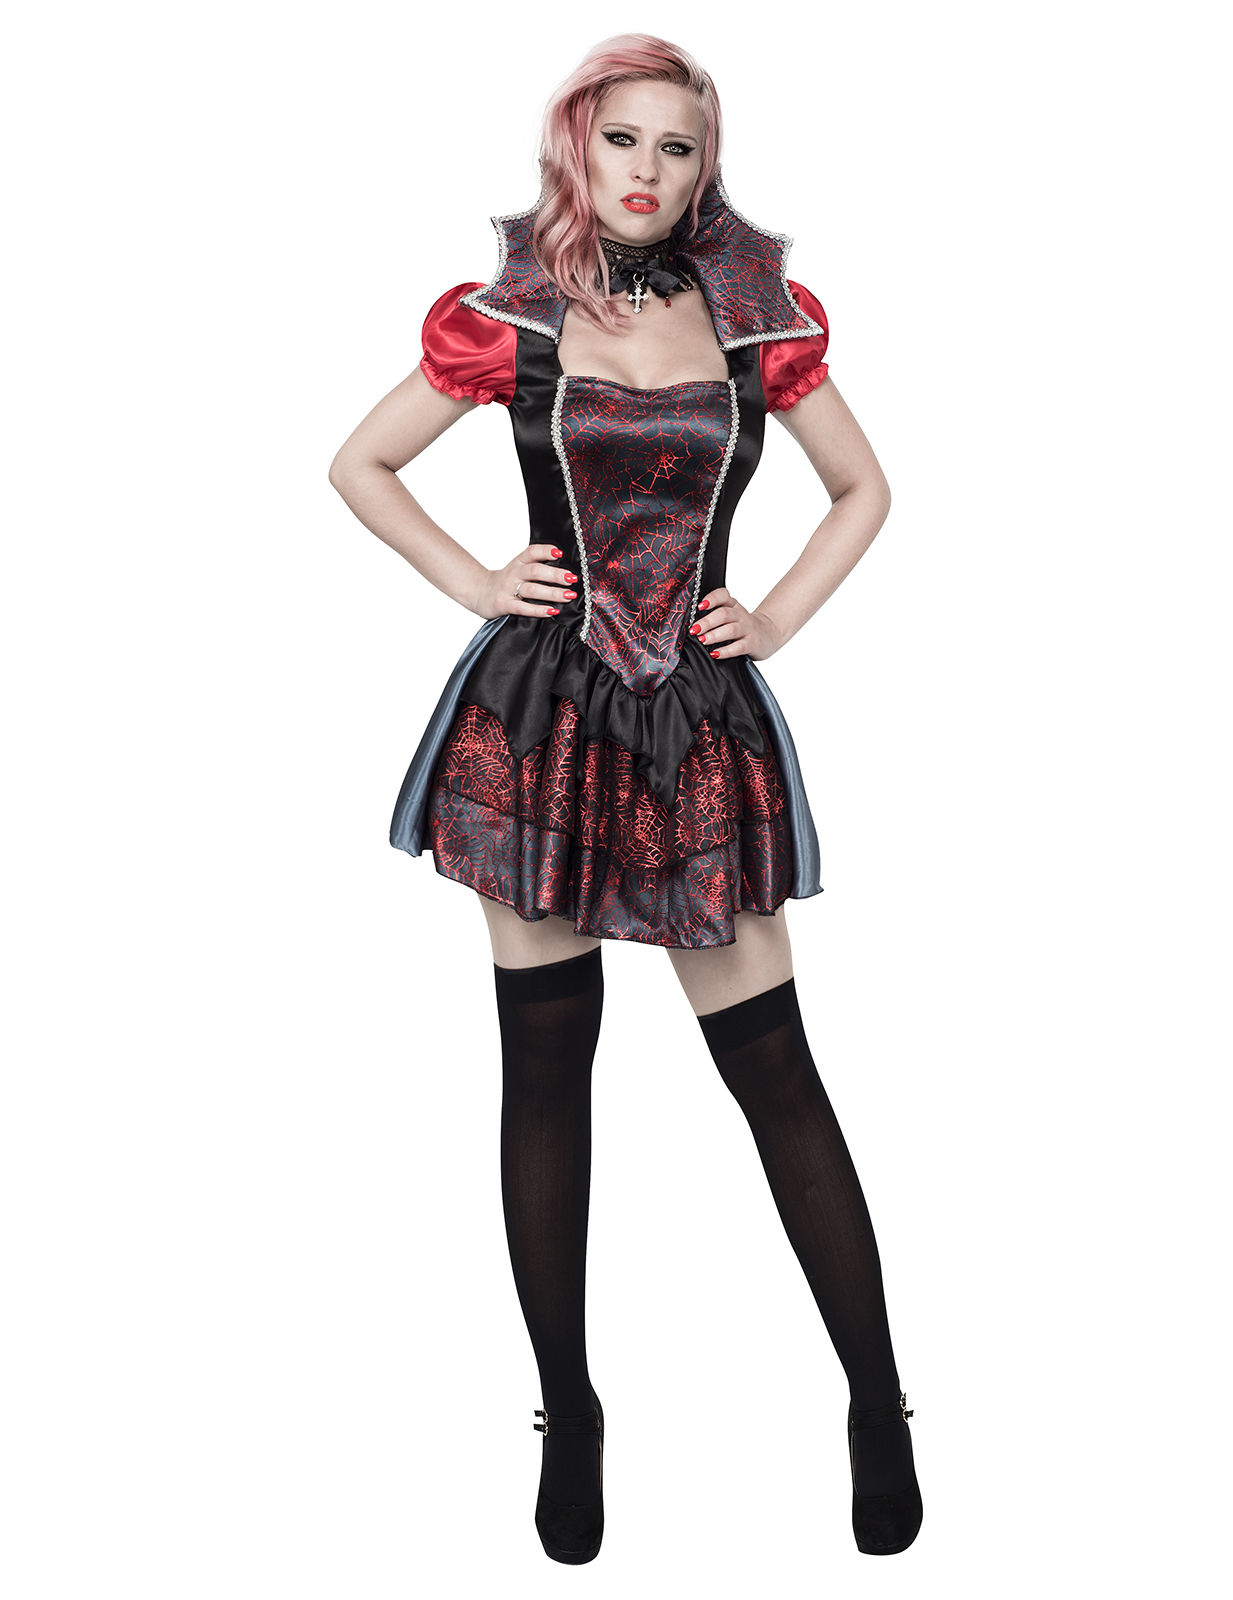 Favoriete Vampier kostuum voor vrouwen Spider: Volwassenen Kostuums,en @NA09